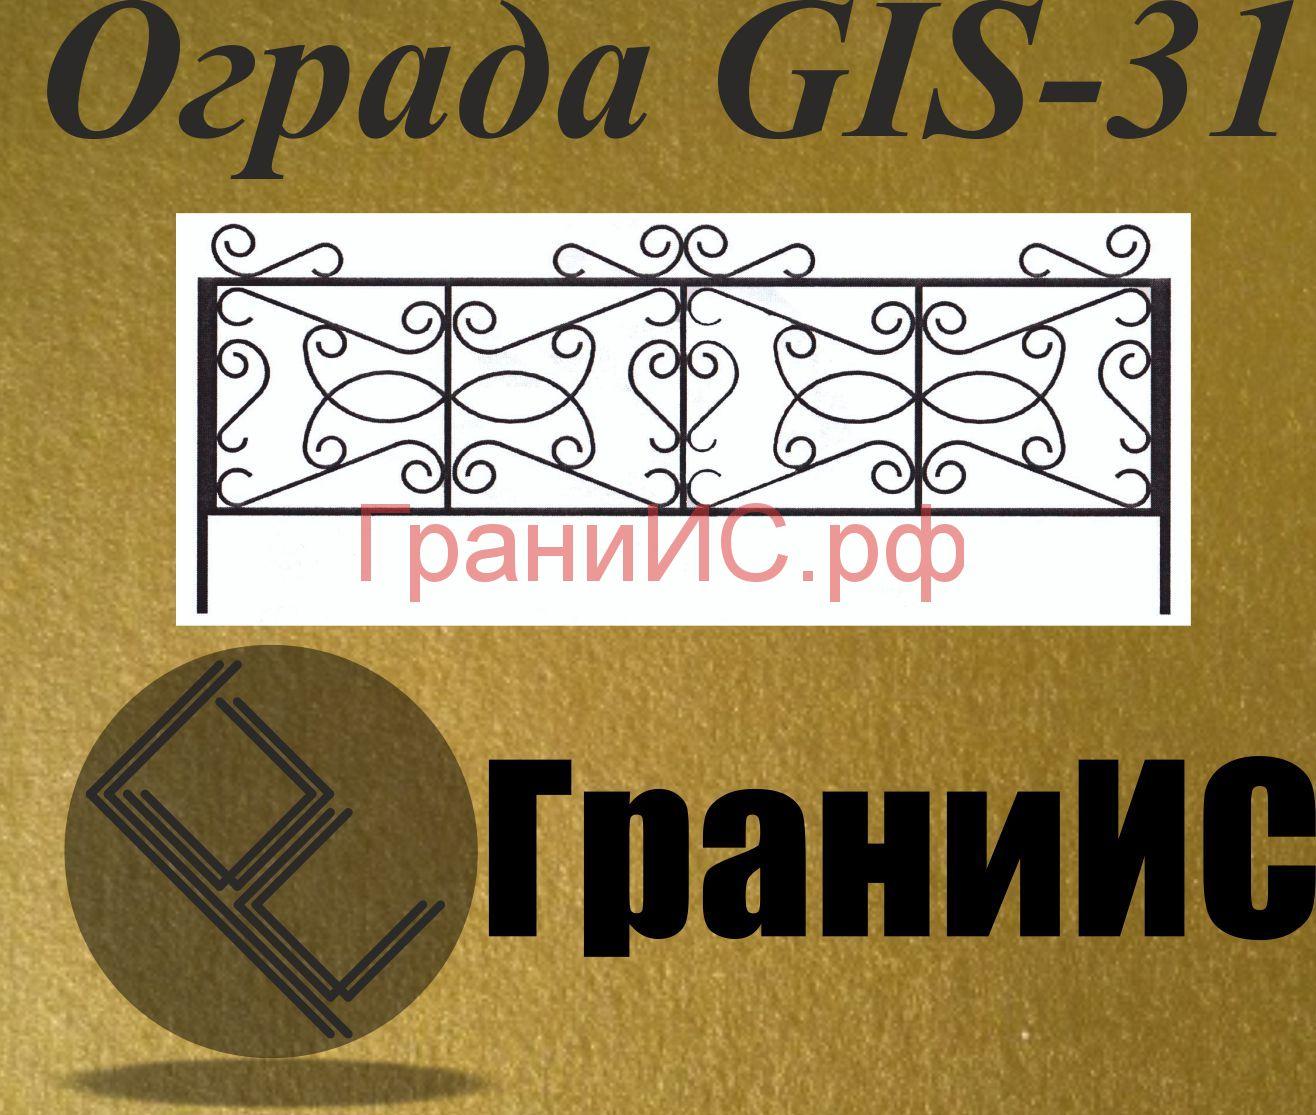 Ограда G - 31